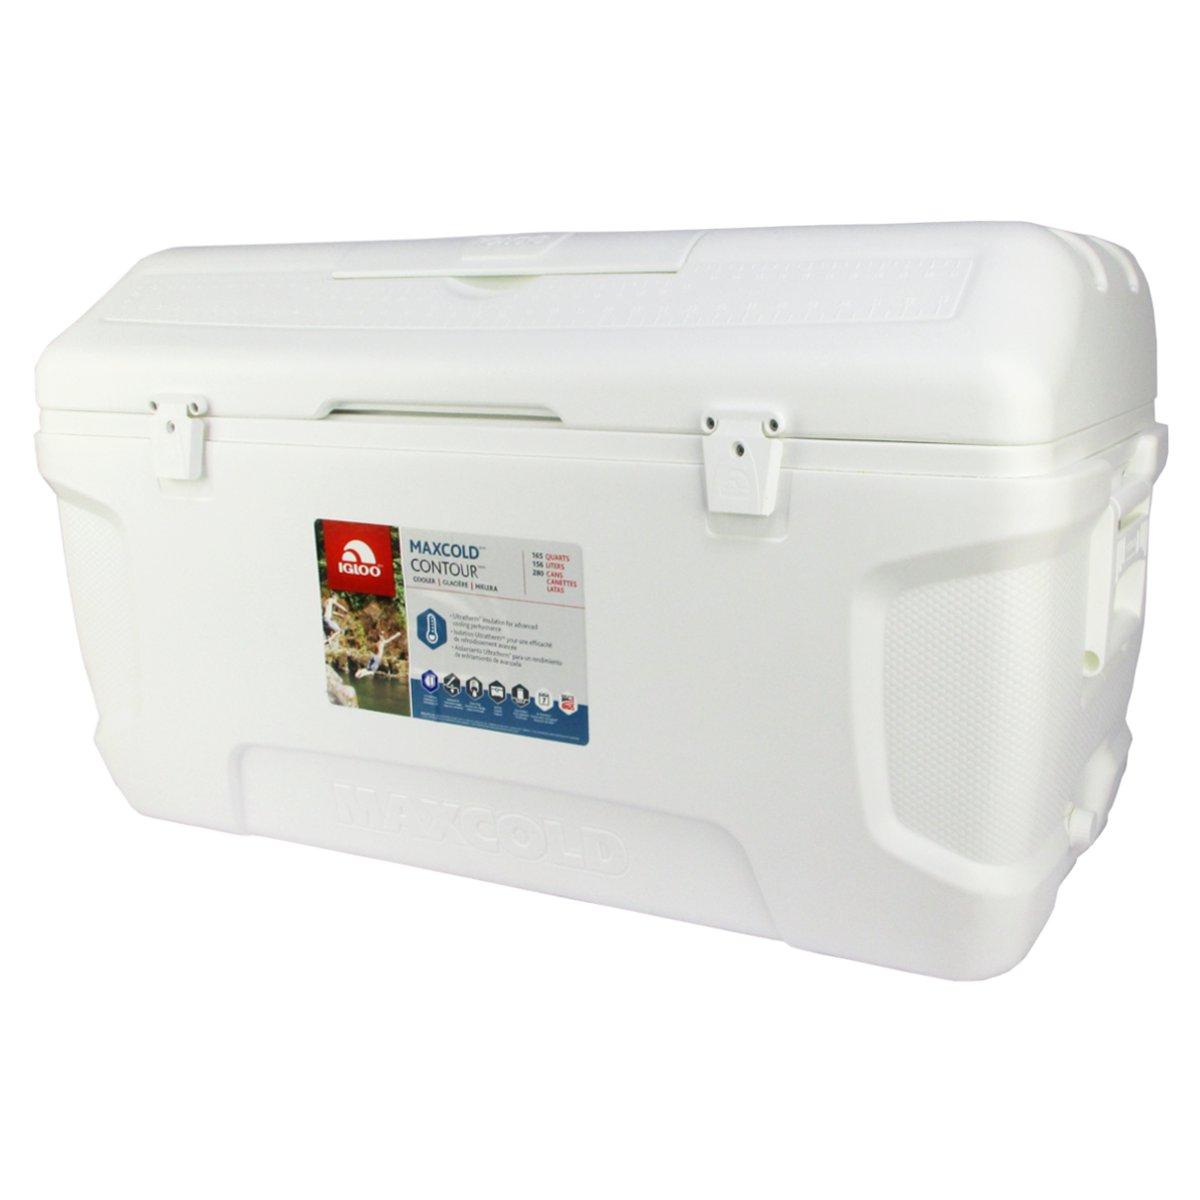 タカミヤ MAXCOLD CONTOUR 165 クーラーボックス【大型商品】